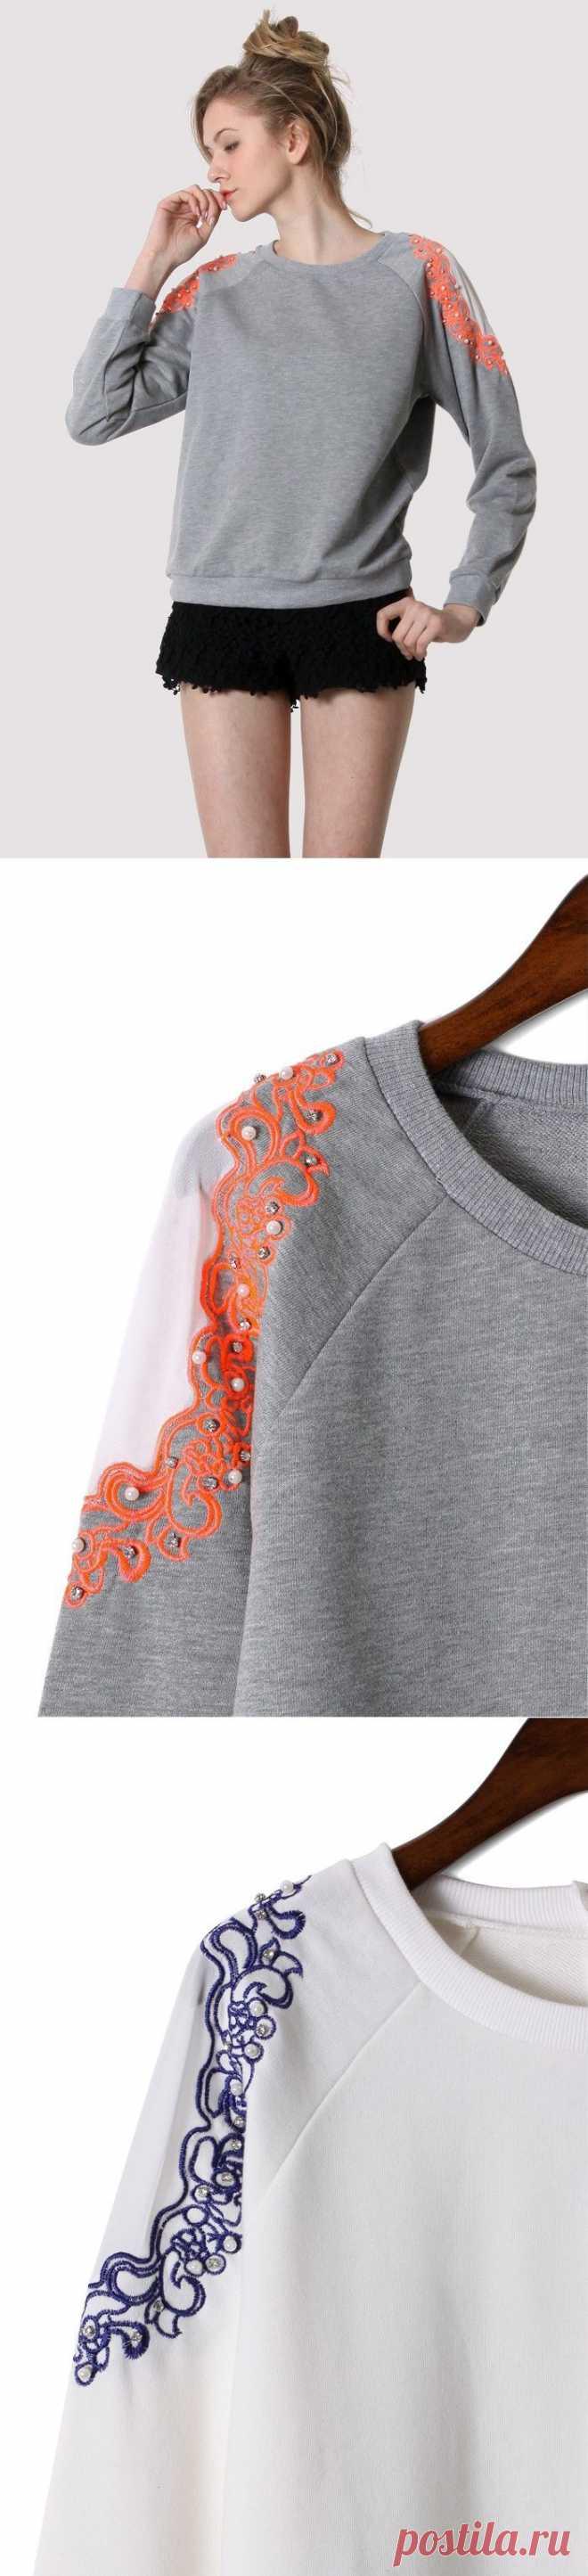 Прозрачные плечи с вышивкой / Худи / Модный сайт о стильной переделке одежды и интерьера